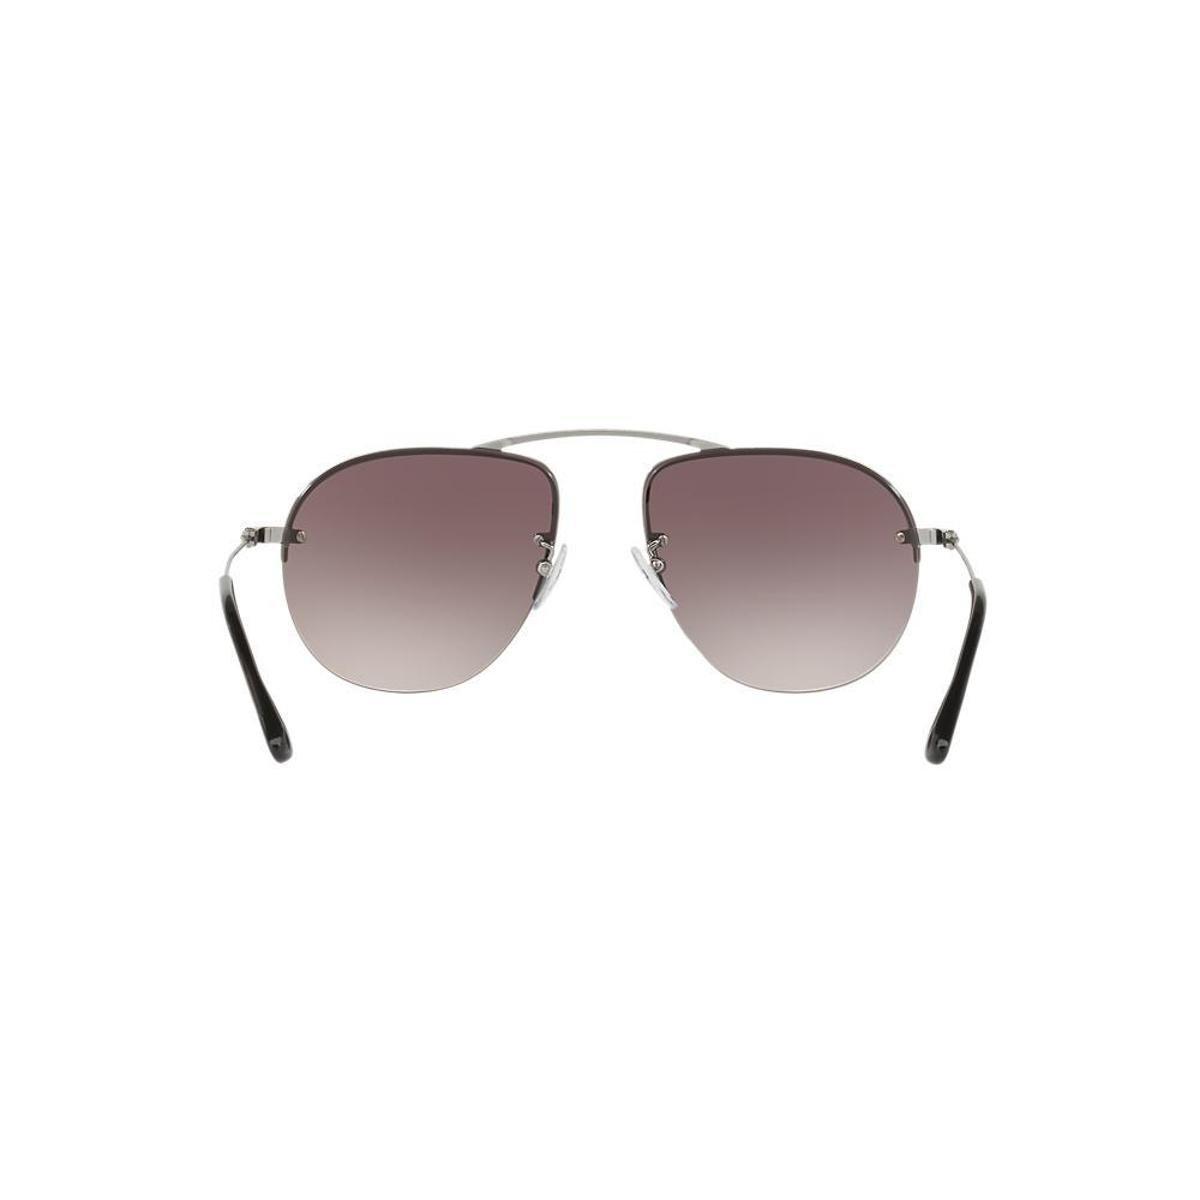 Óculos de Sol Prada Piloto PR 58OS Masculino - Grafite - Compre ... ede7c5cd4a